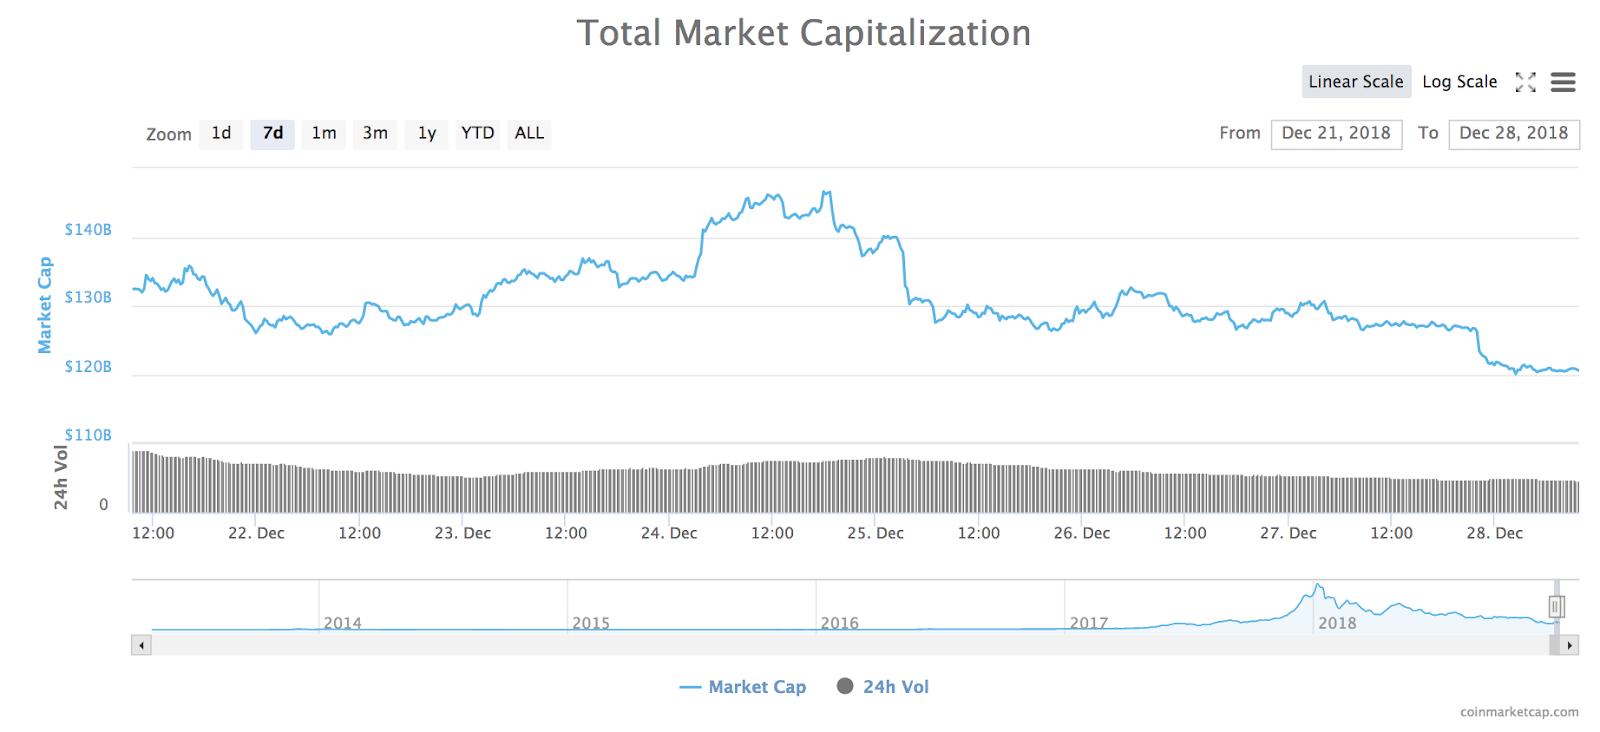 7-Tage-Preisdiagramm der Gesamtmarktkapitalisierung aller Kryptowährungen